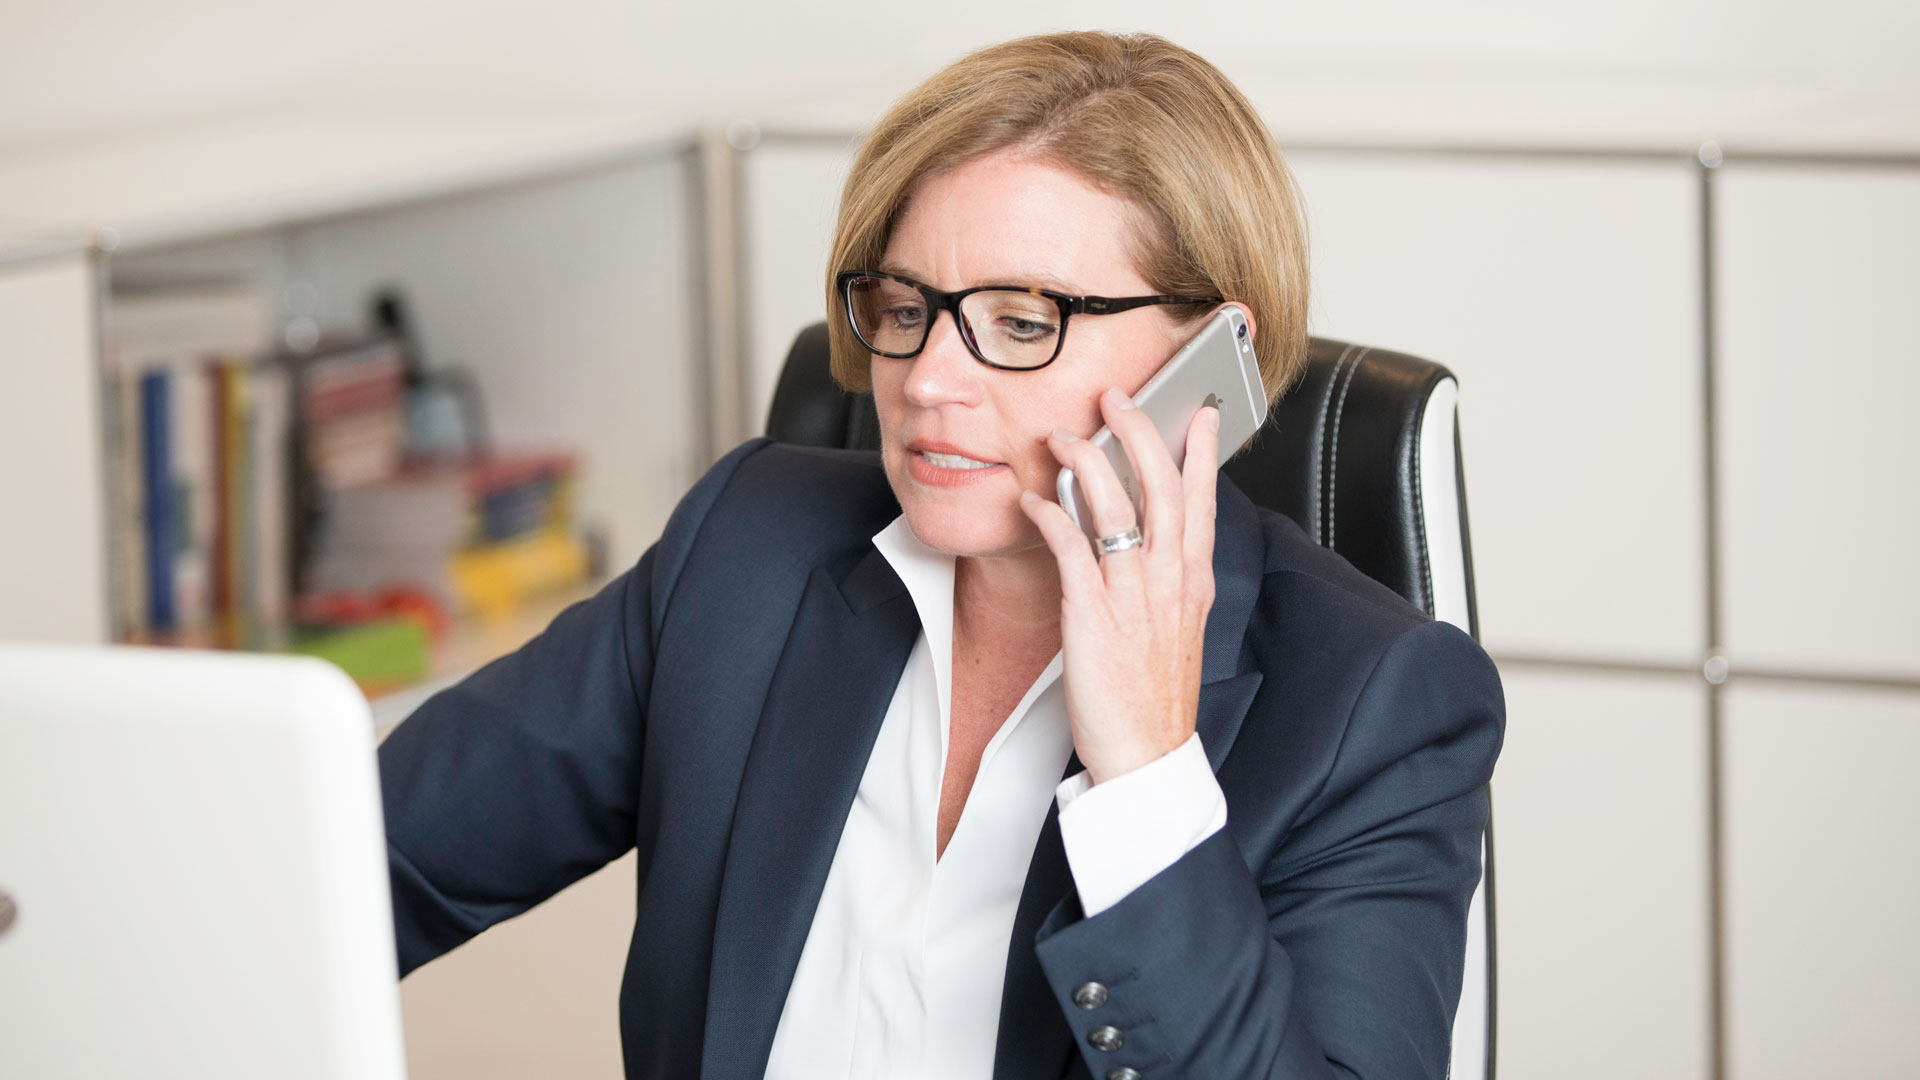 Wer im Office Verantwortung übernimmt, hilft sich selbst